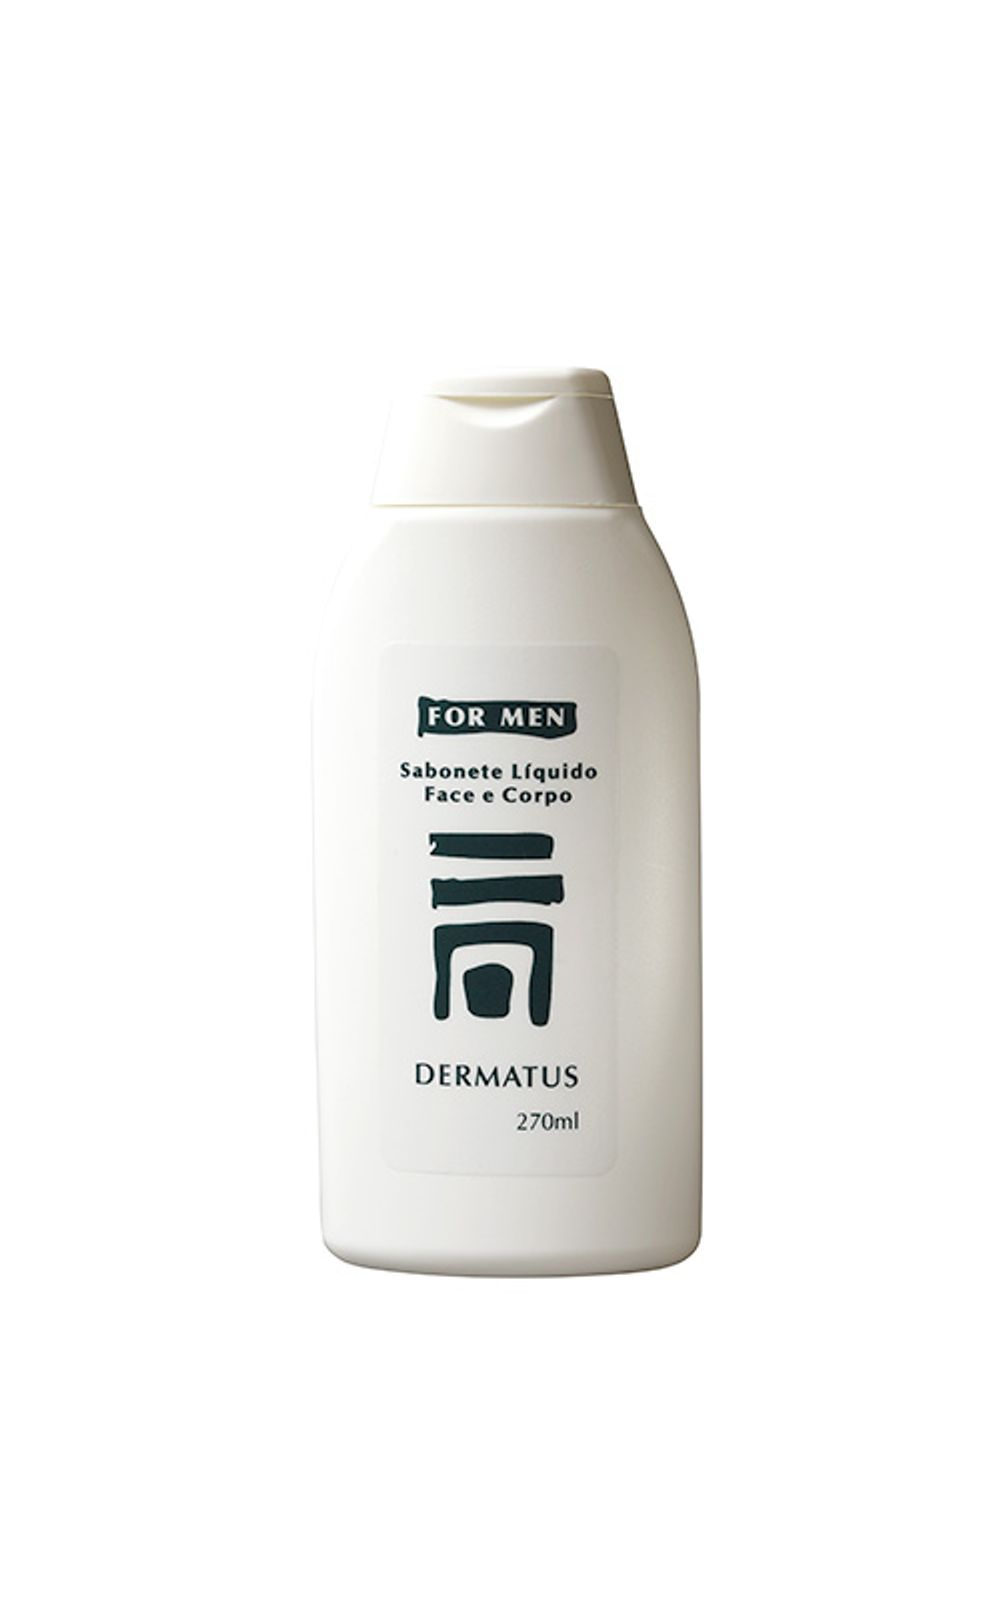 Foto 1 - Dermatus For Men Sabonete Face e Corpo Dermatus - Limpador Facial e Corporal - 270ml